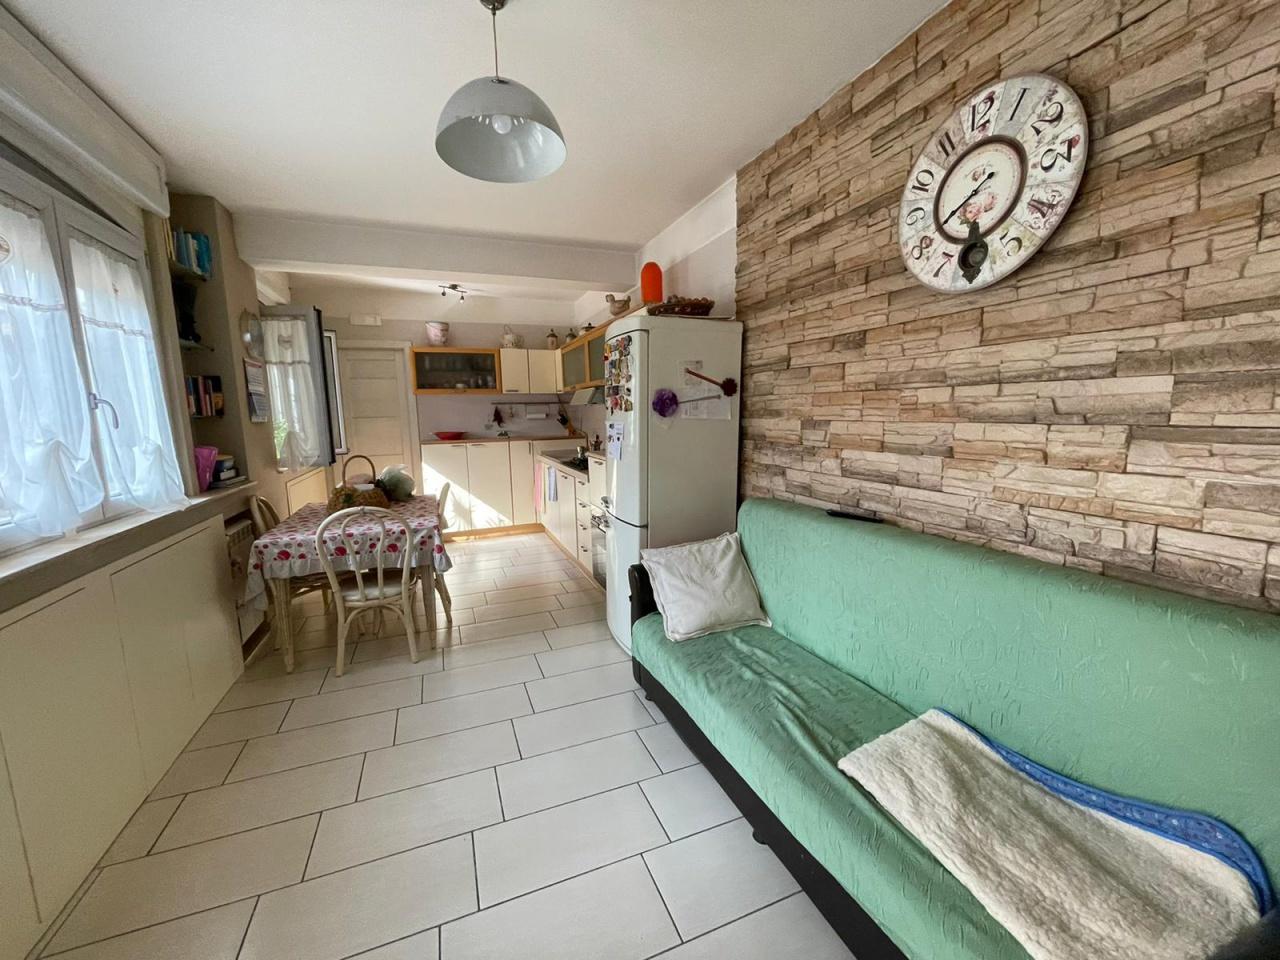 Appartamento in vendita a Castello di Cisterna, 4 locali, prezzo € 215.000 | PortaleAgenzieImmobiliari.it